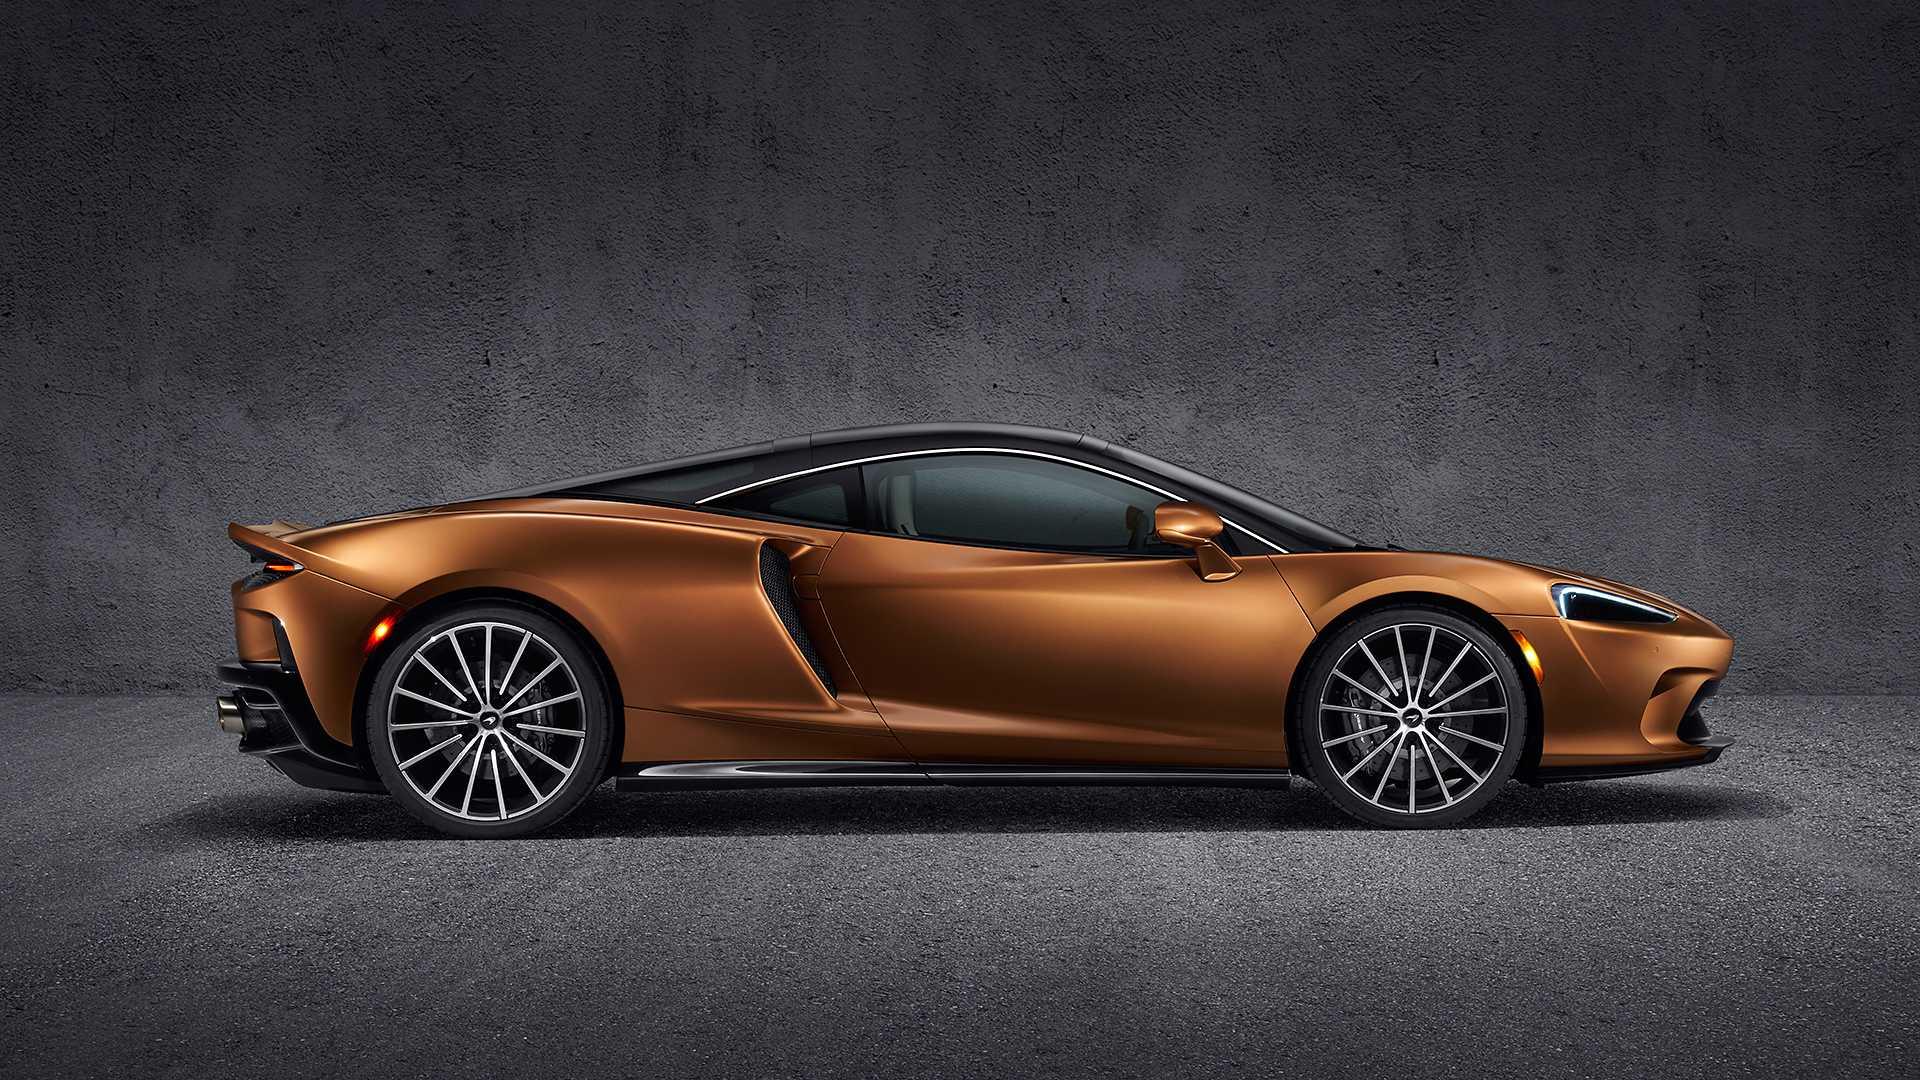 Новый суперкар McLaren оказался практичнее Октавии